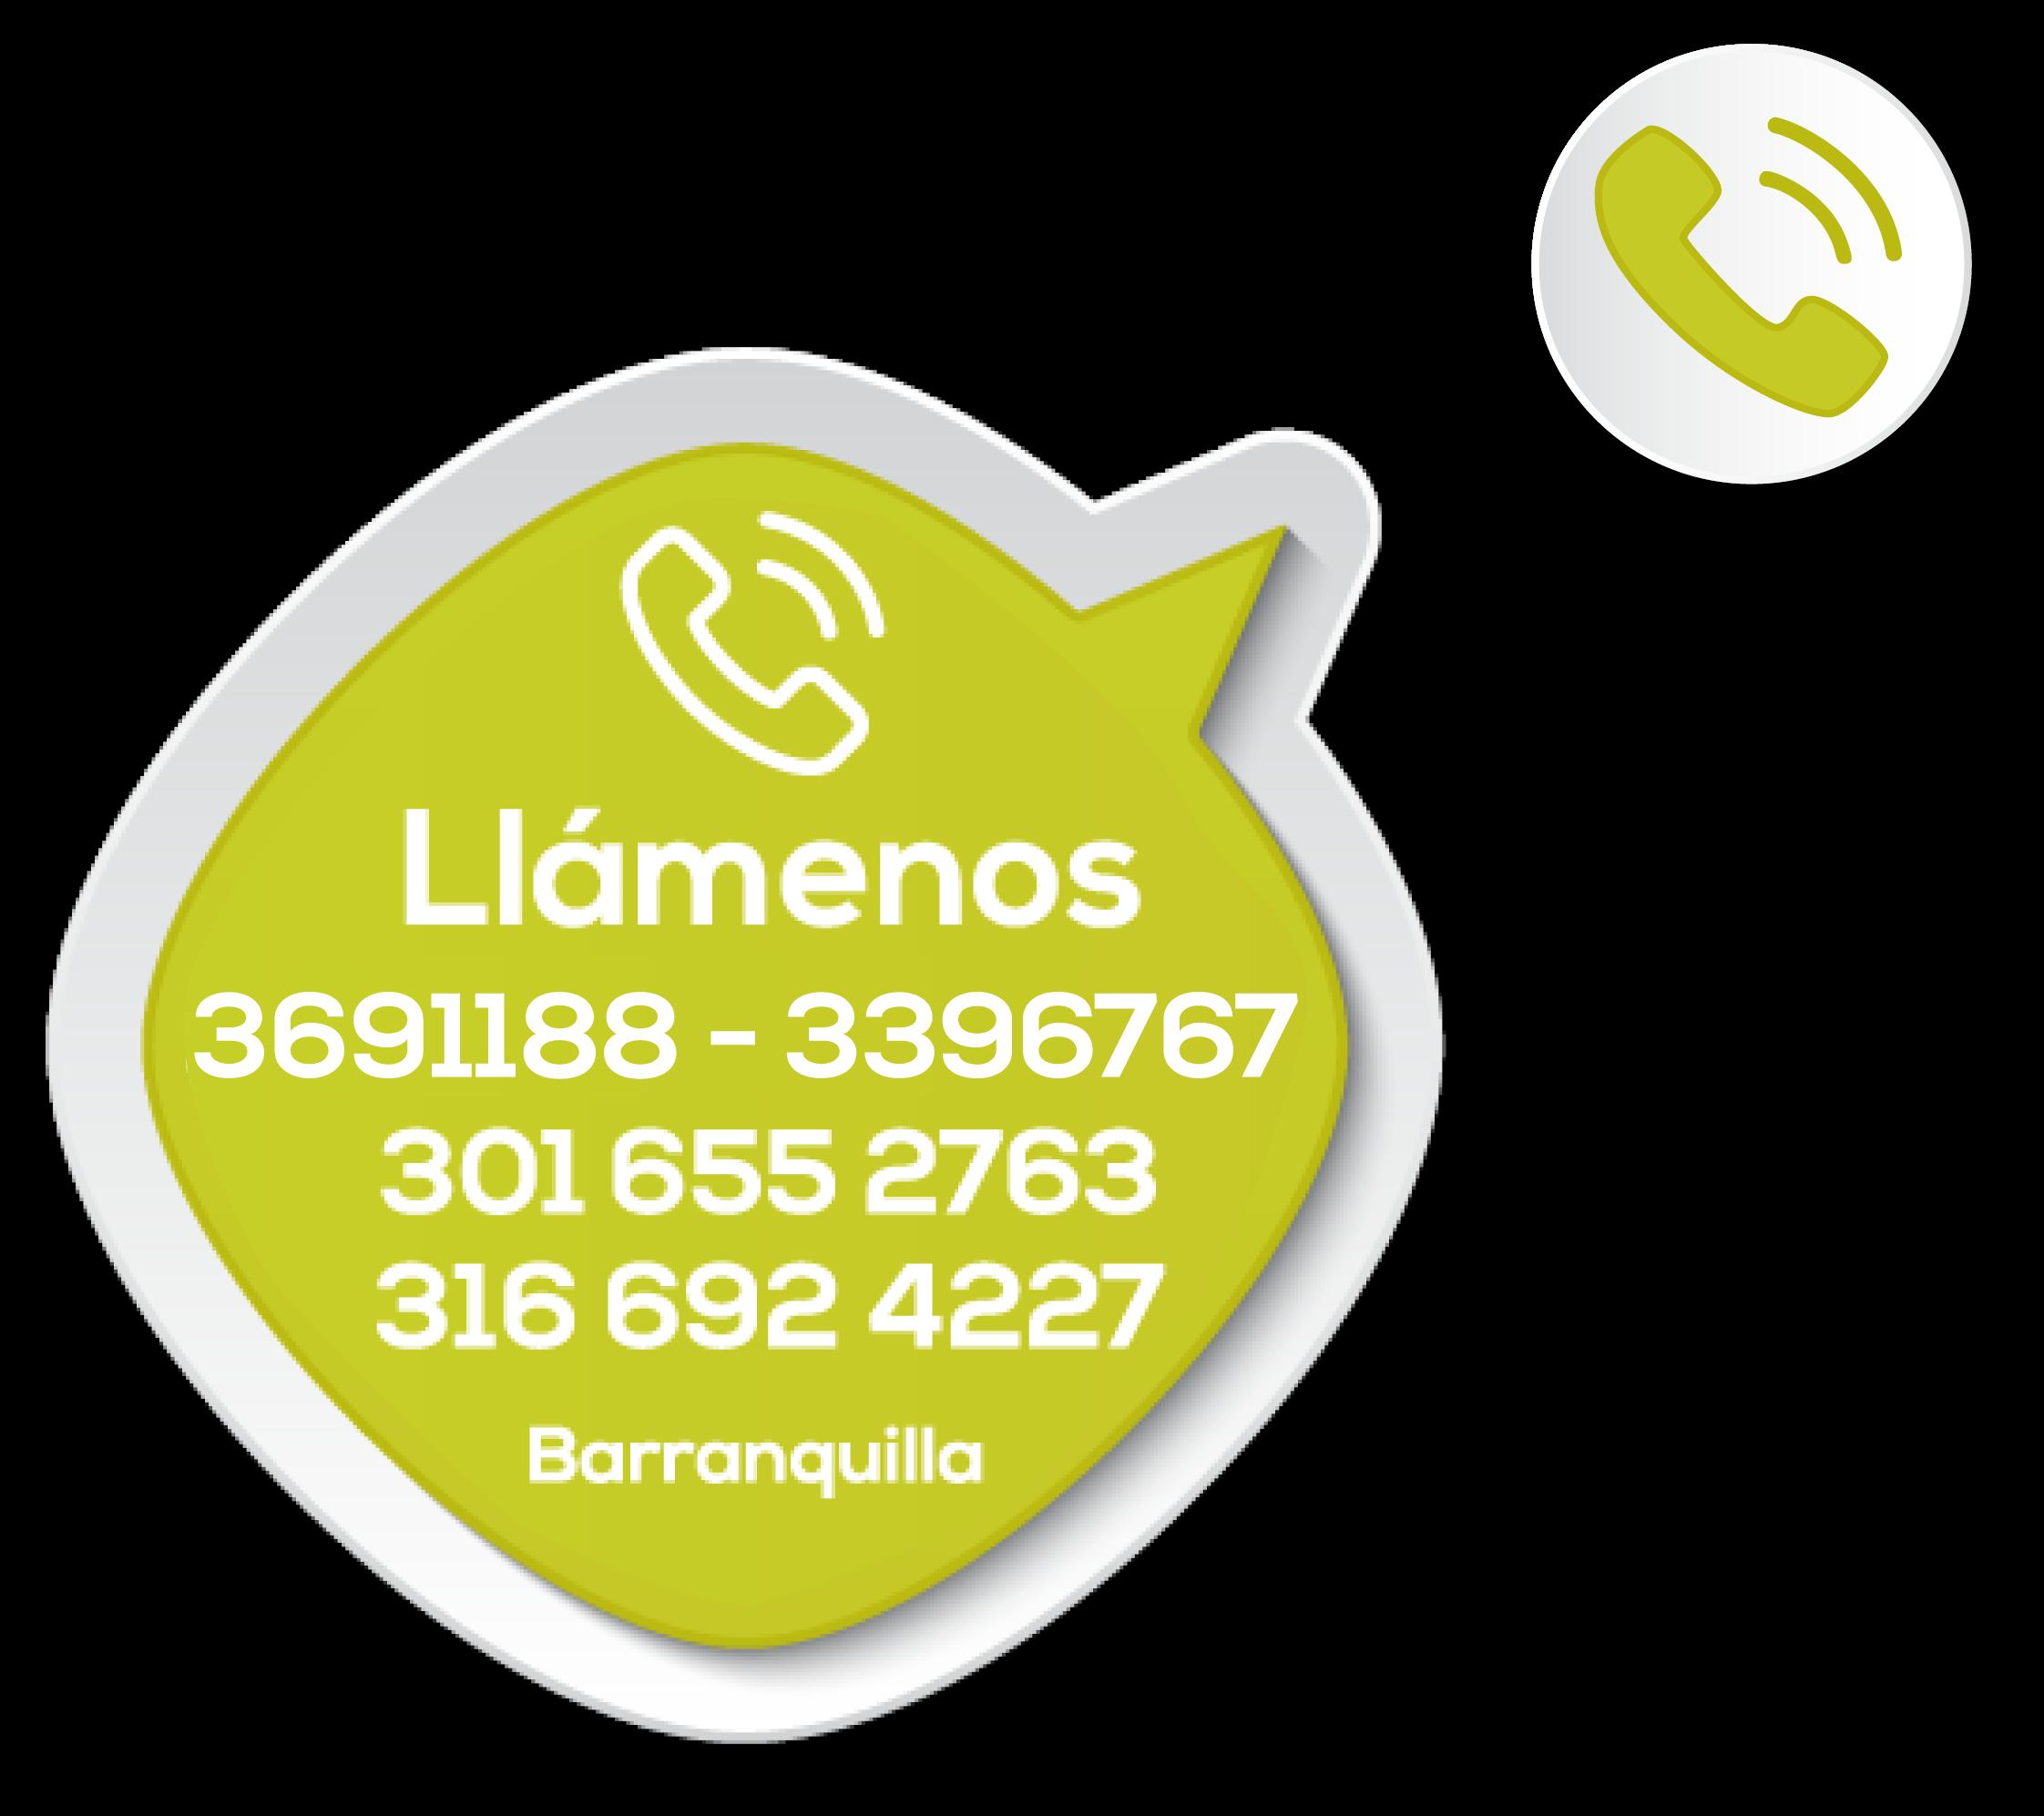 Telefonos de contacto Parque y Grama